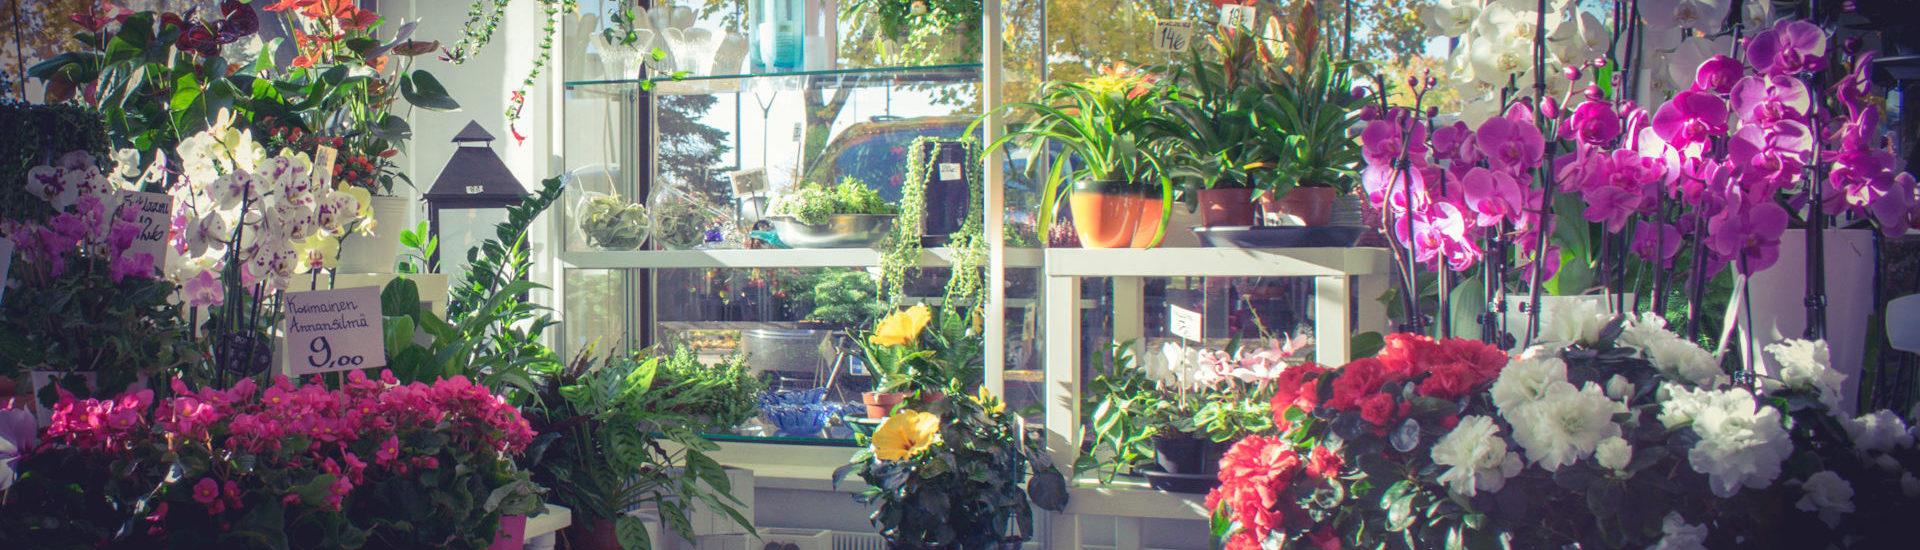 Länkipohjan kukkakauppa